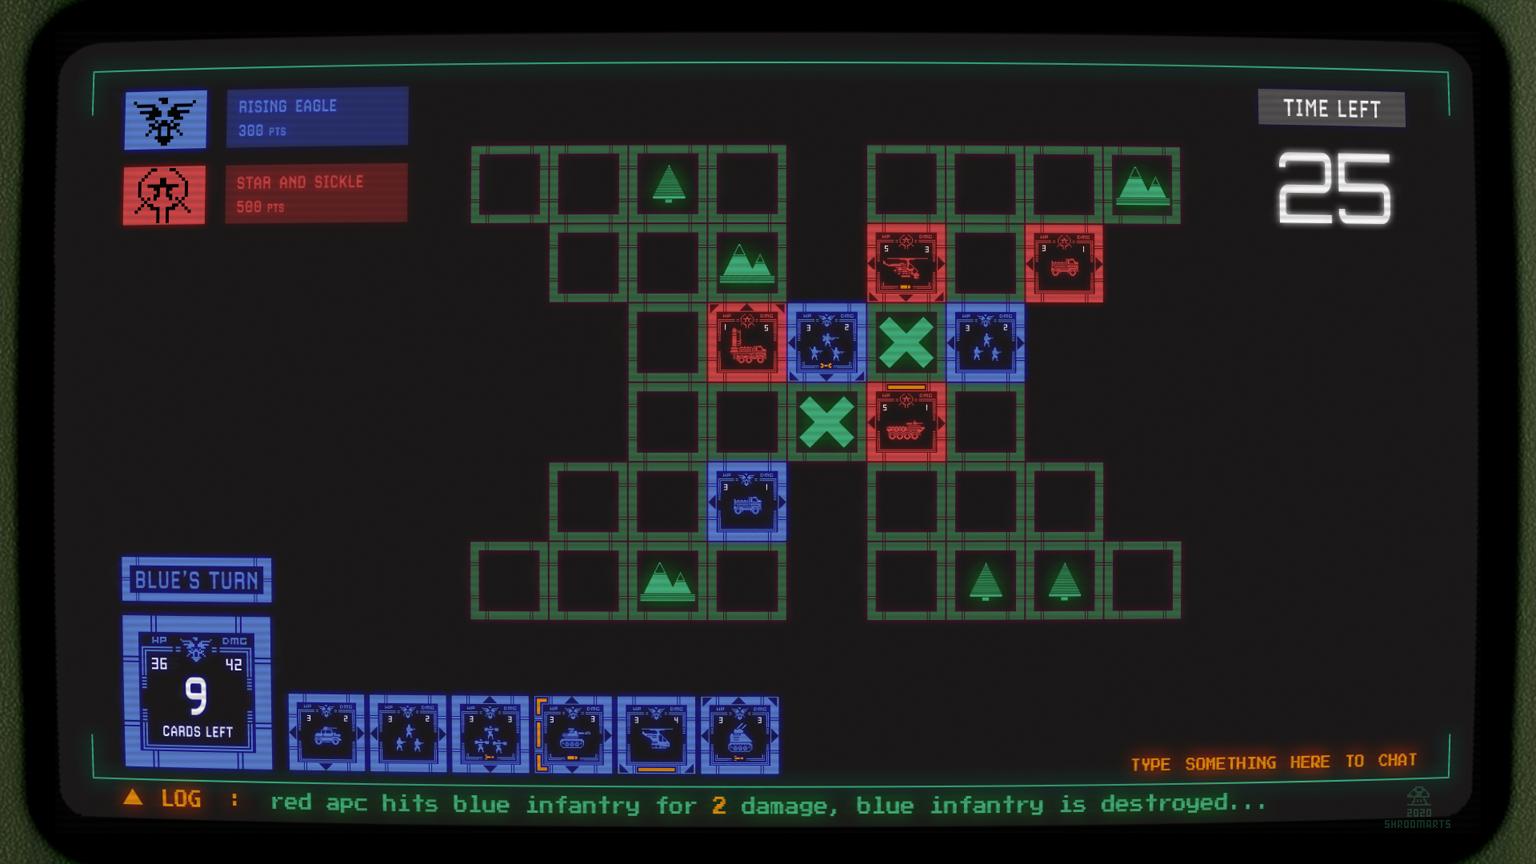 card battle combat screen